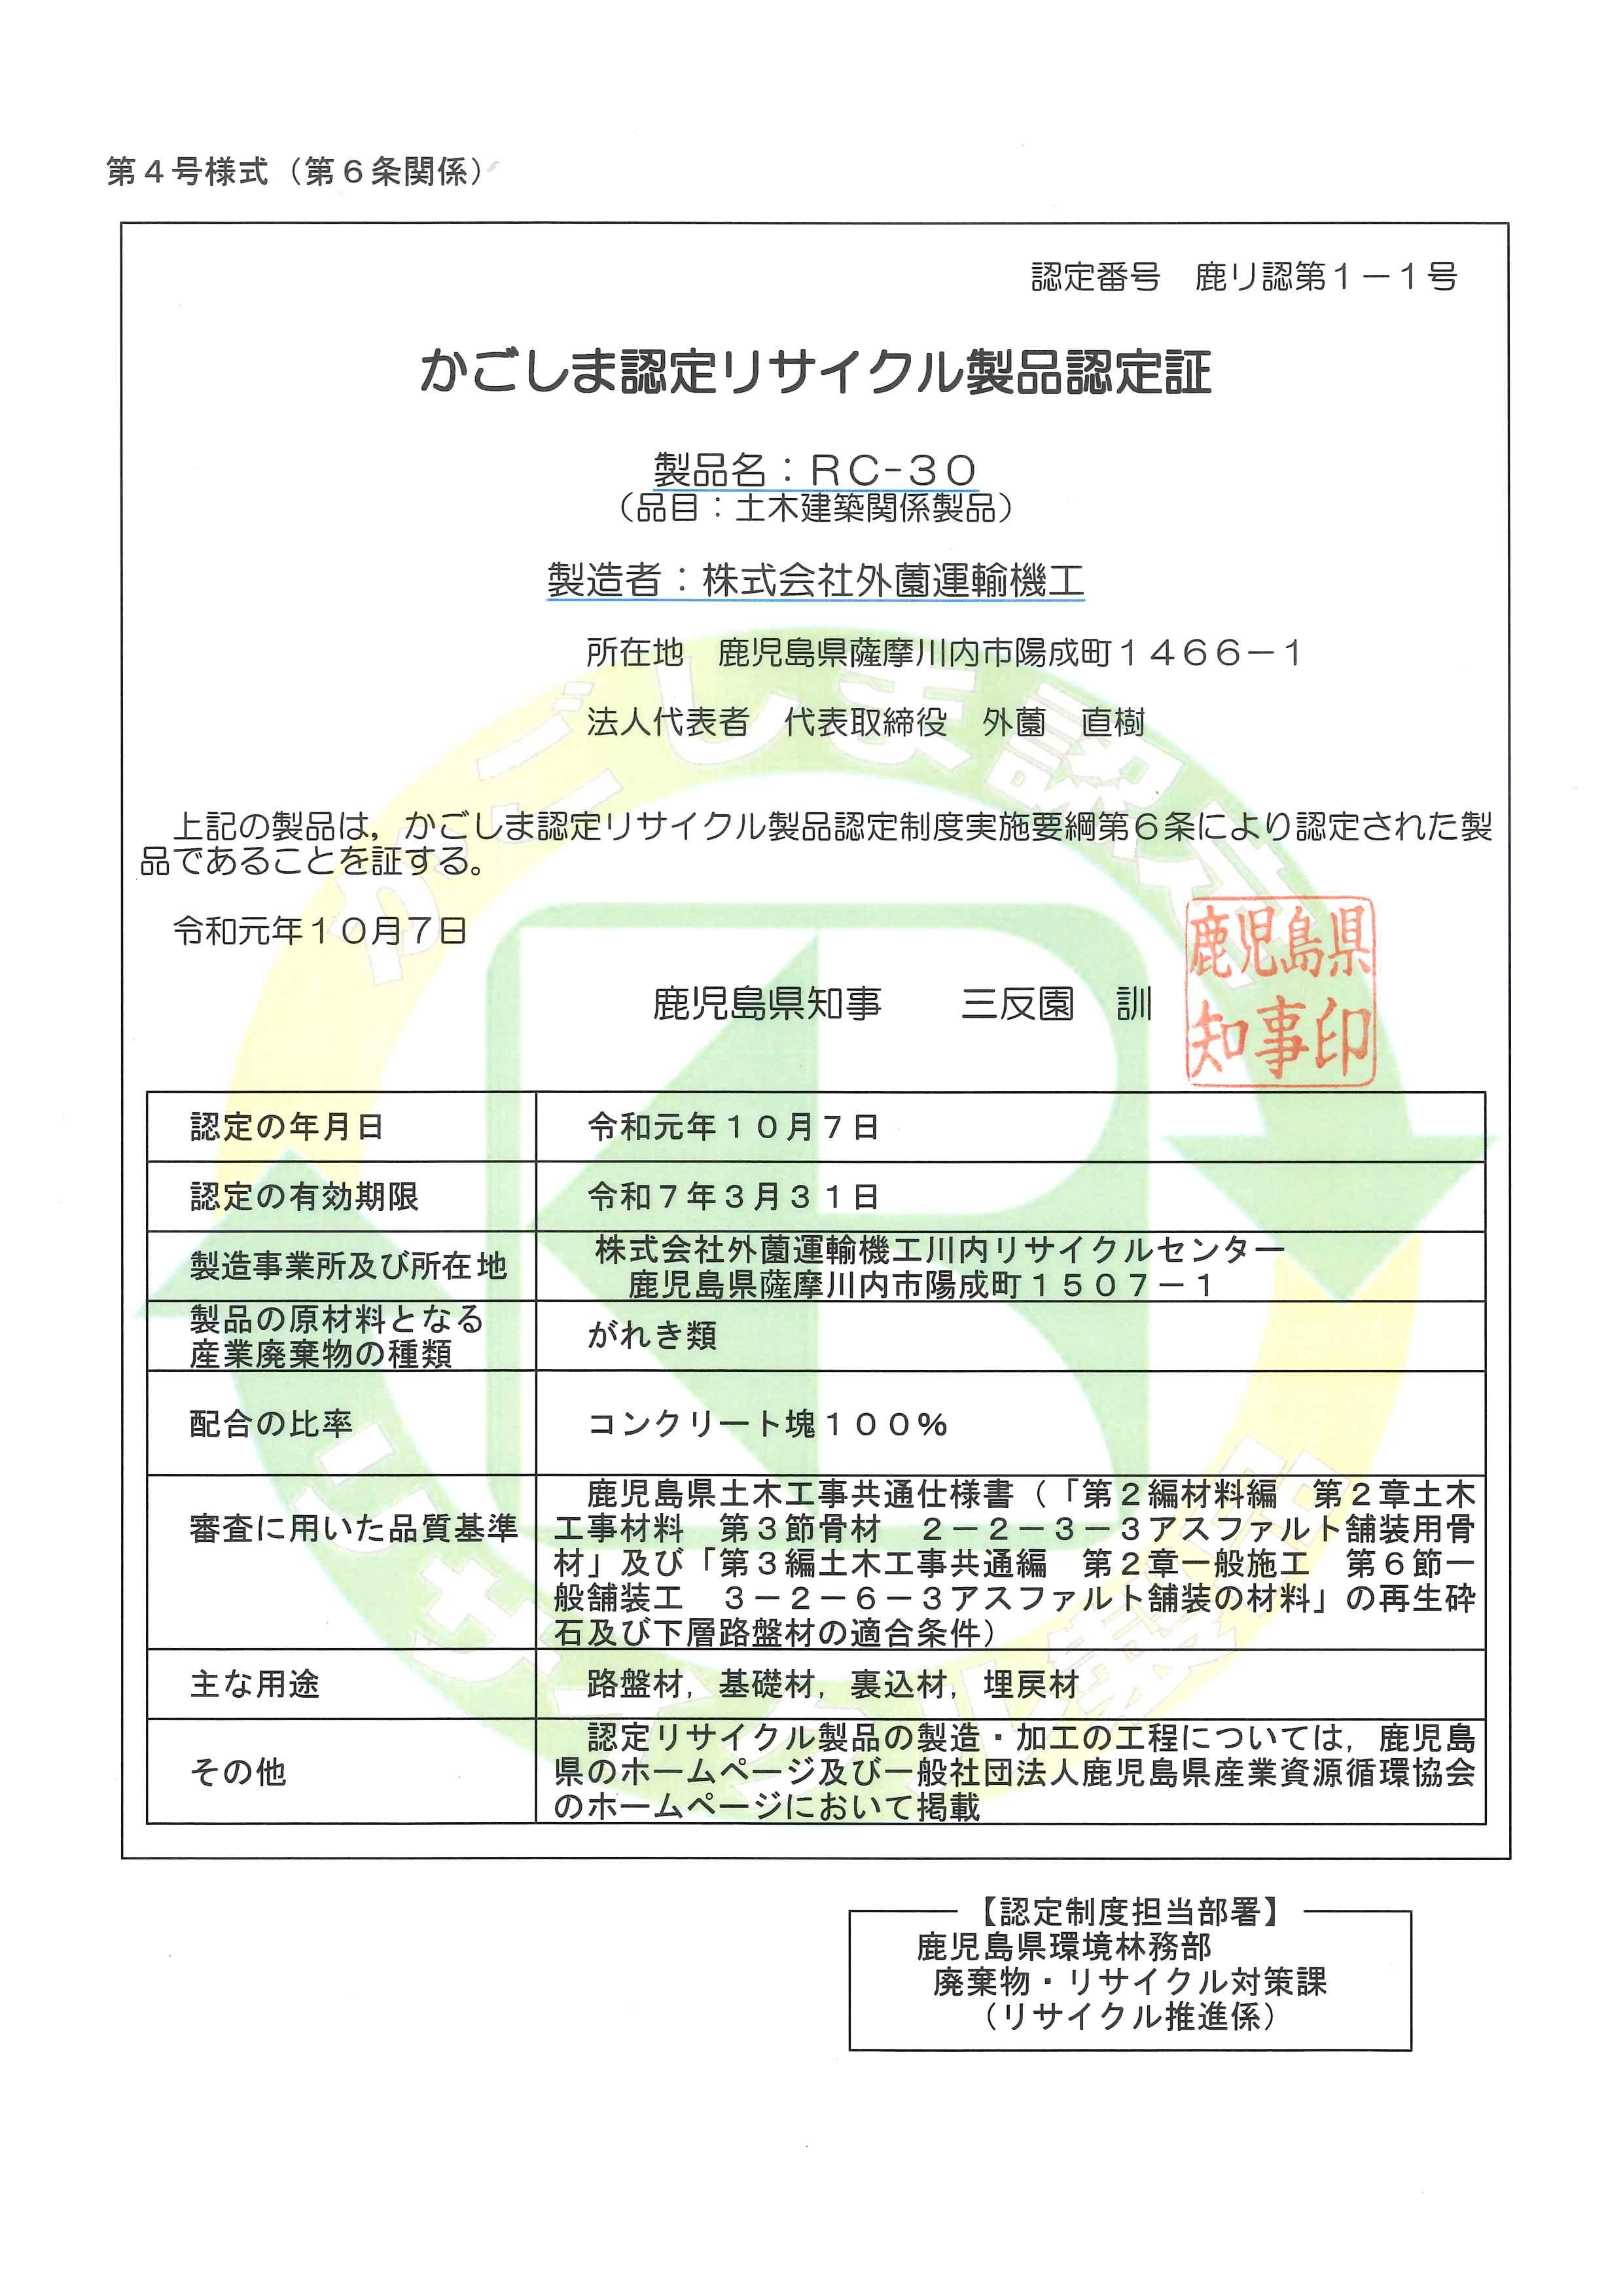 再生砕石(RC-30)製品認定書